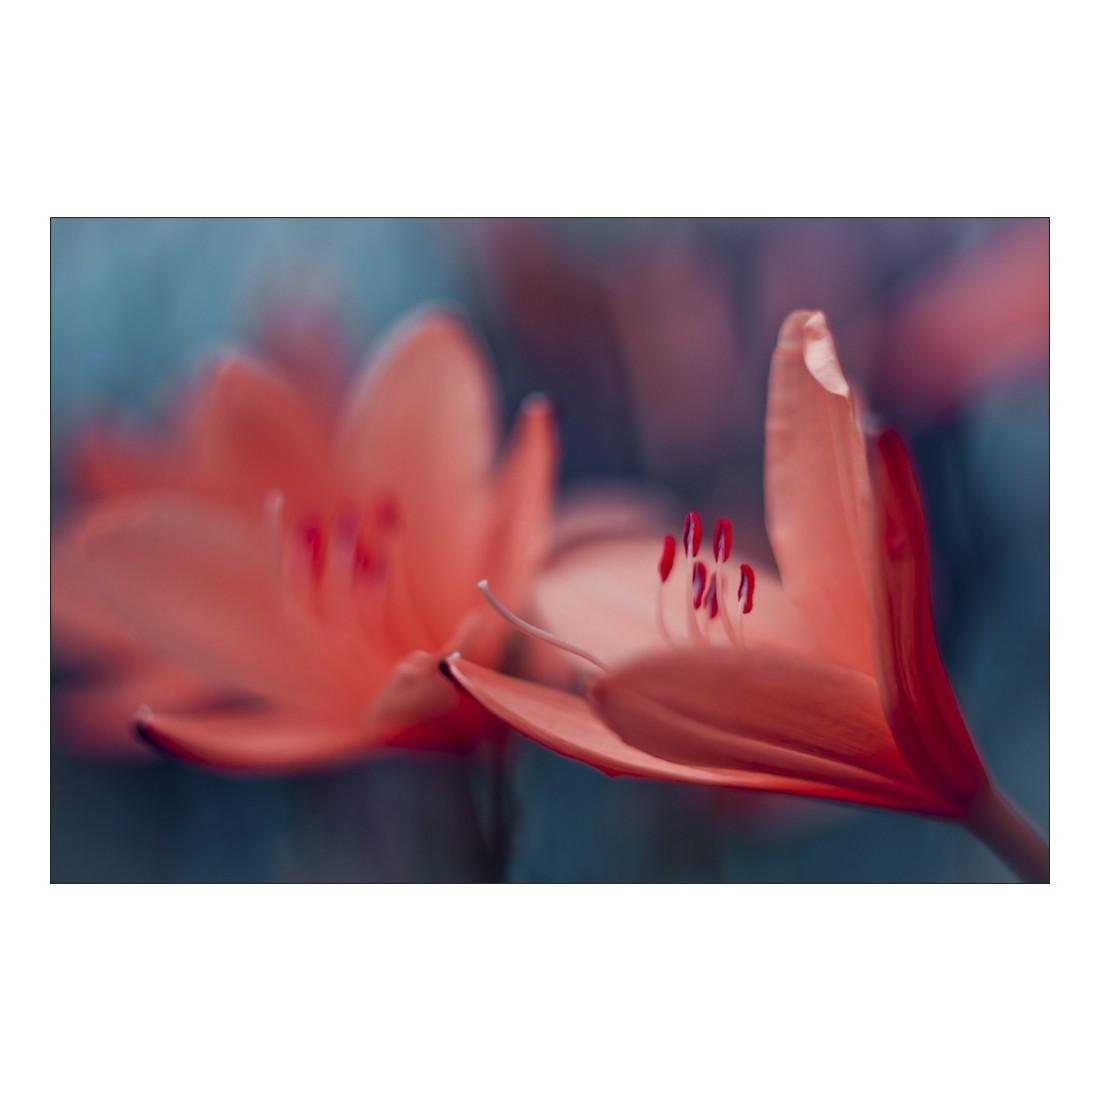 Acrylglasbild Red Flower Petals – Abmessung 90×60 cm, Gallery of Innovative Art online kaufen